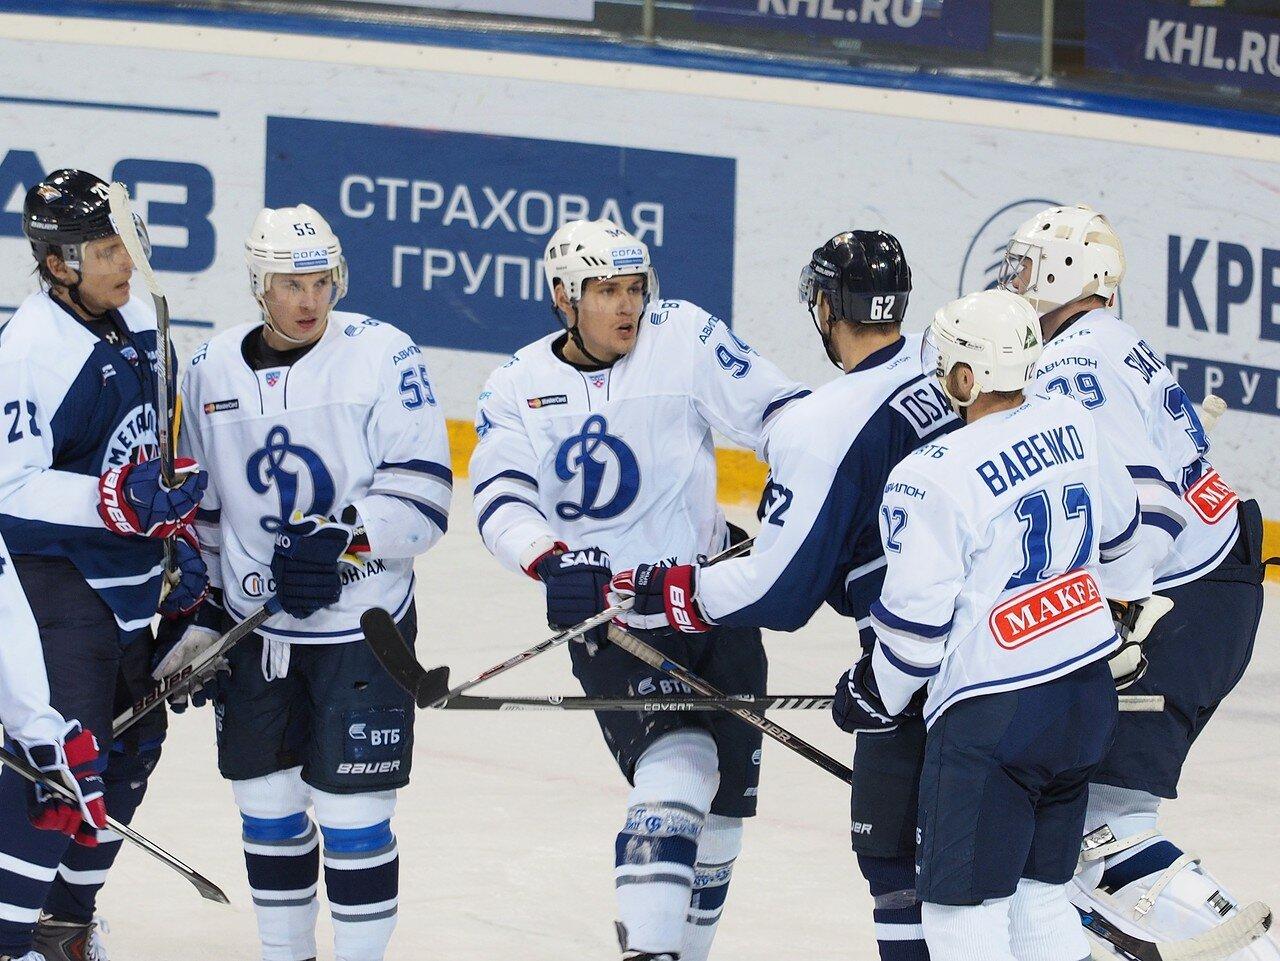 92Металлург - Динамо Москва 28.12.2015